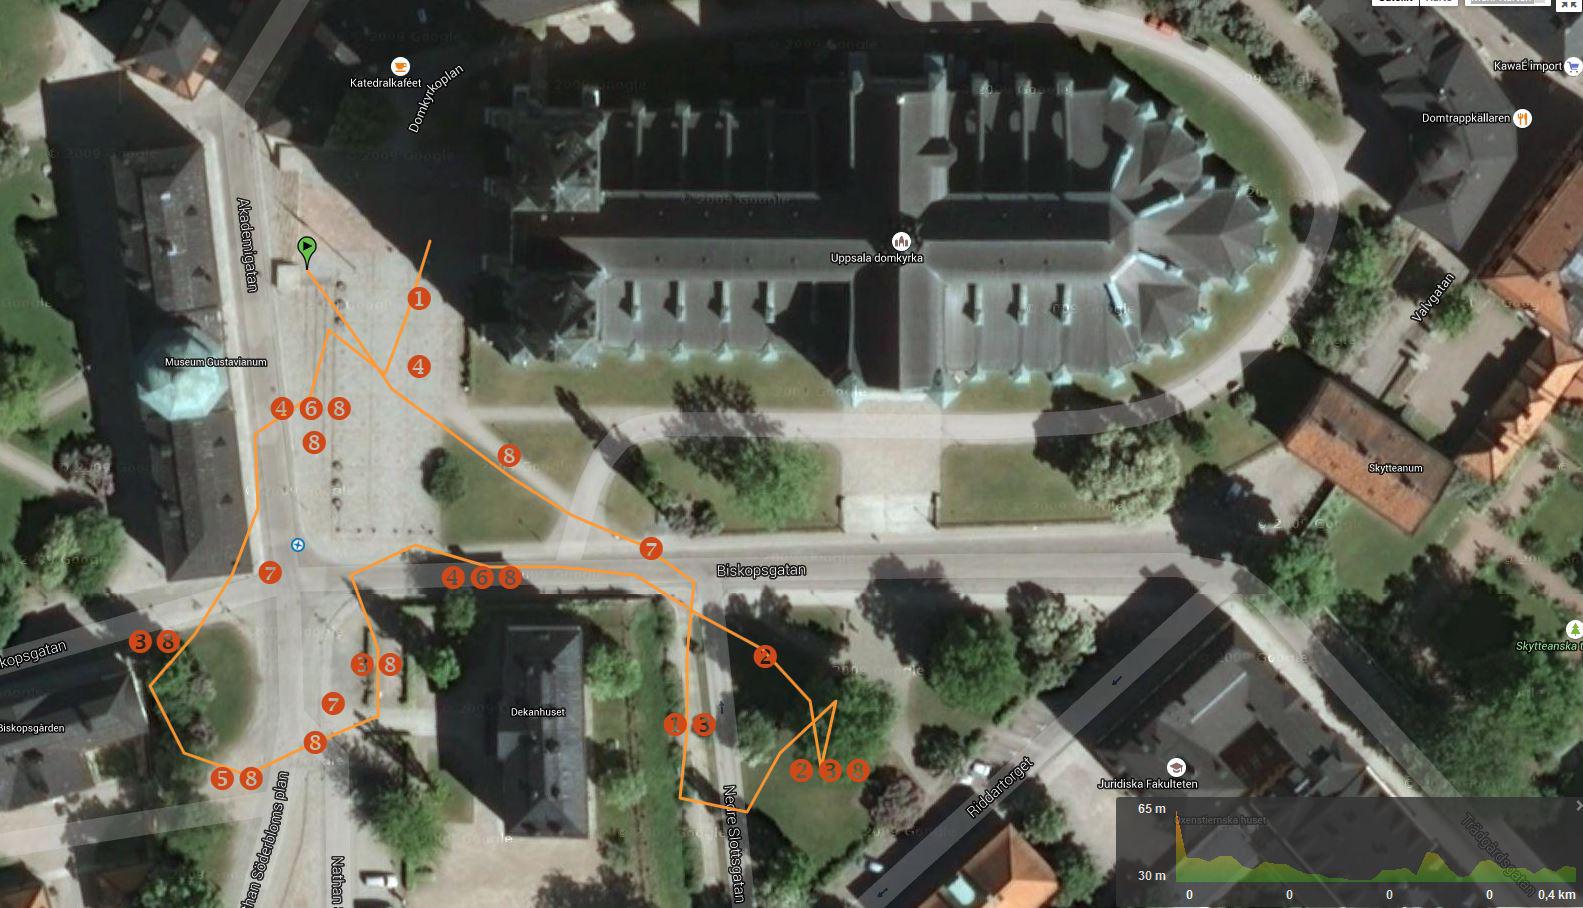 Der Testparcours: 1 neutrale Oberfläche / eben; 2 Gras; 3 Kies; 4 Kopfsteinpflaster neuzeitlich; 5 Kopfsteinpflaster mittelalterlich; 6 Trottoir; 7 Bordstein; 8 bergauf / bergab / schräg.